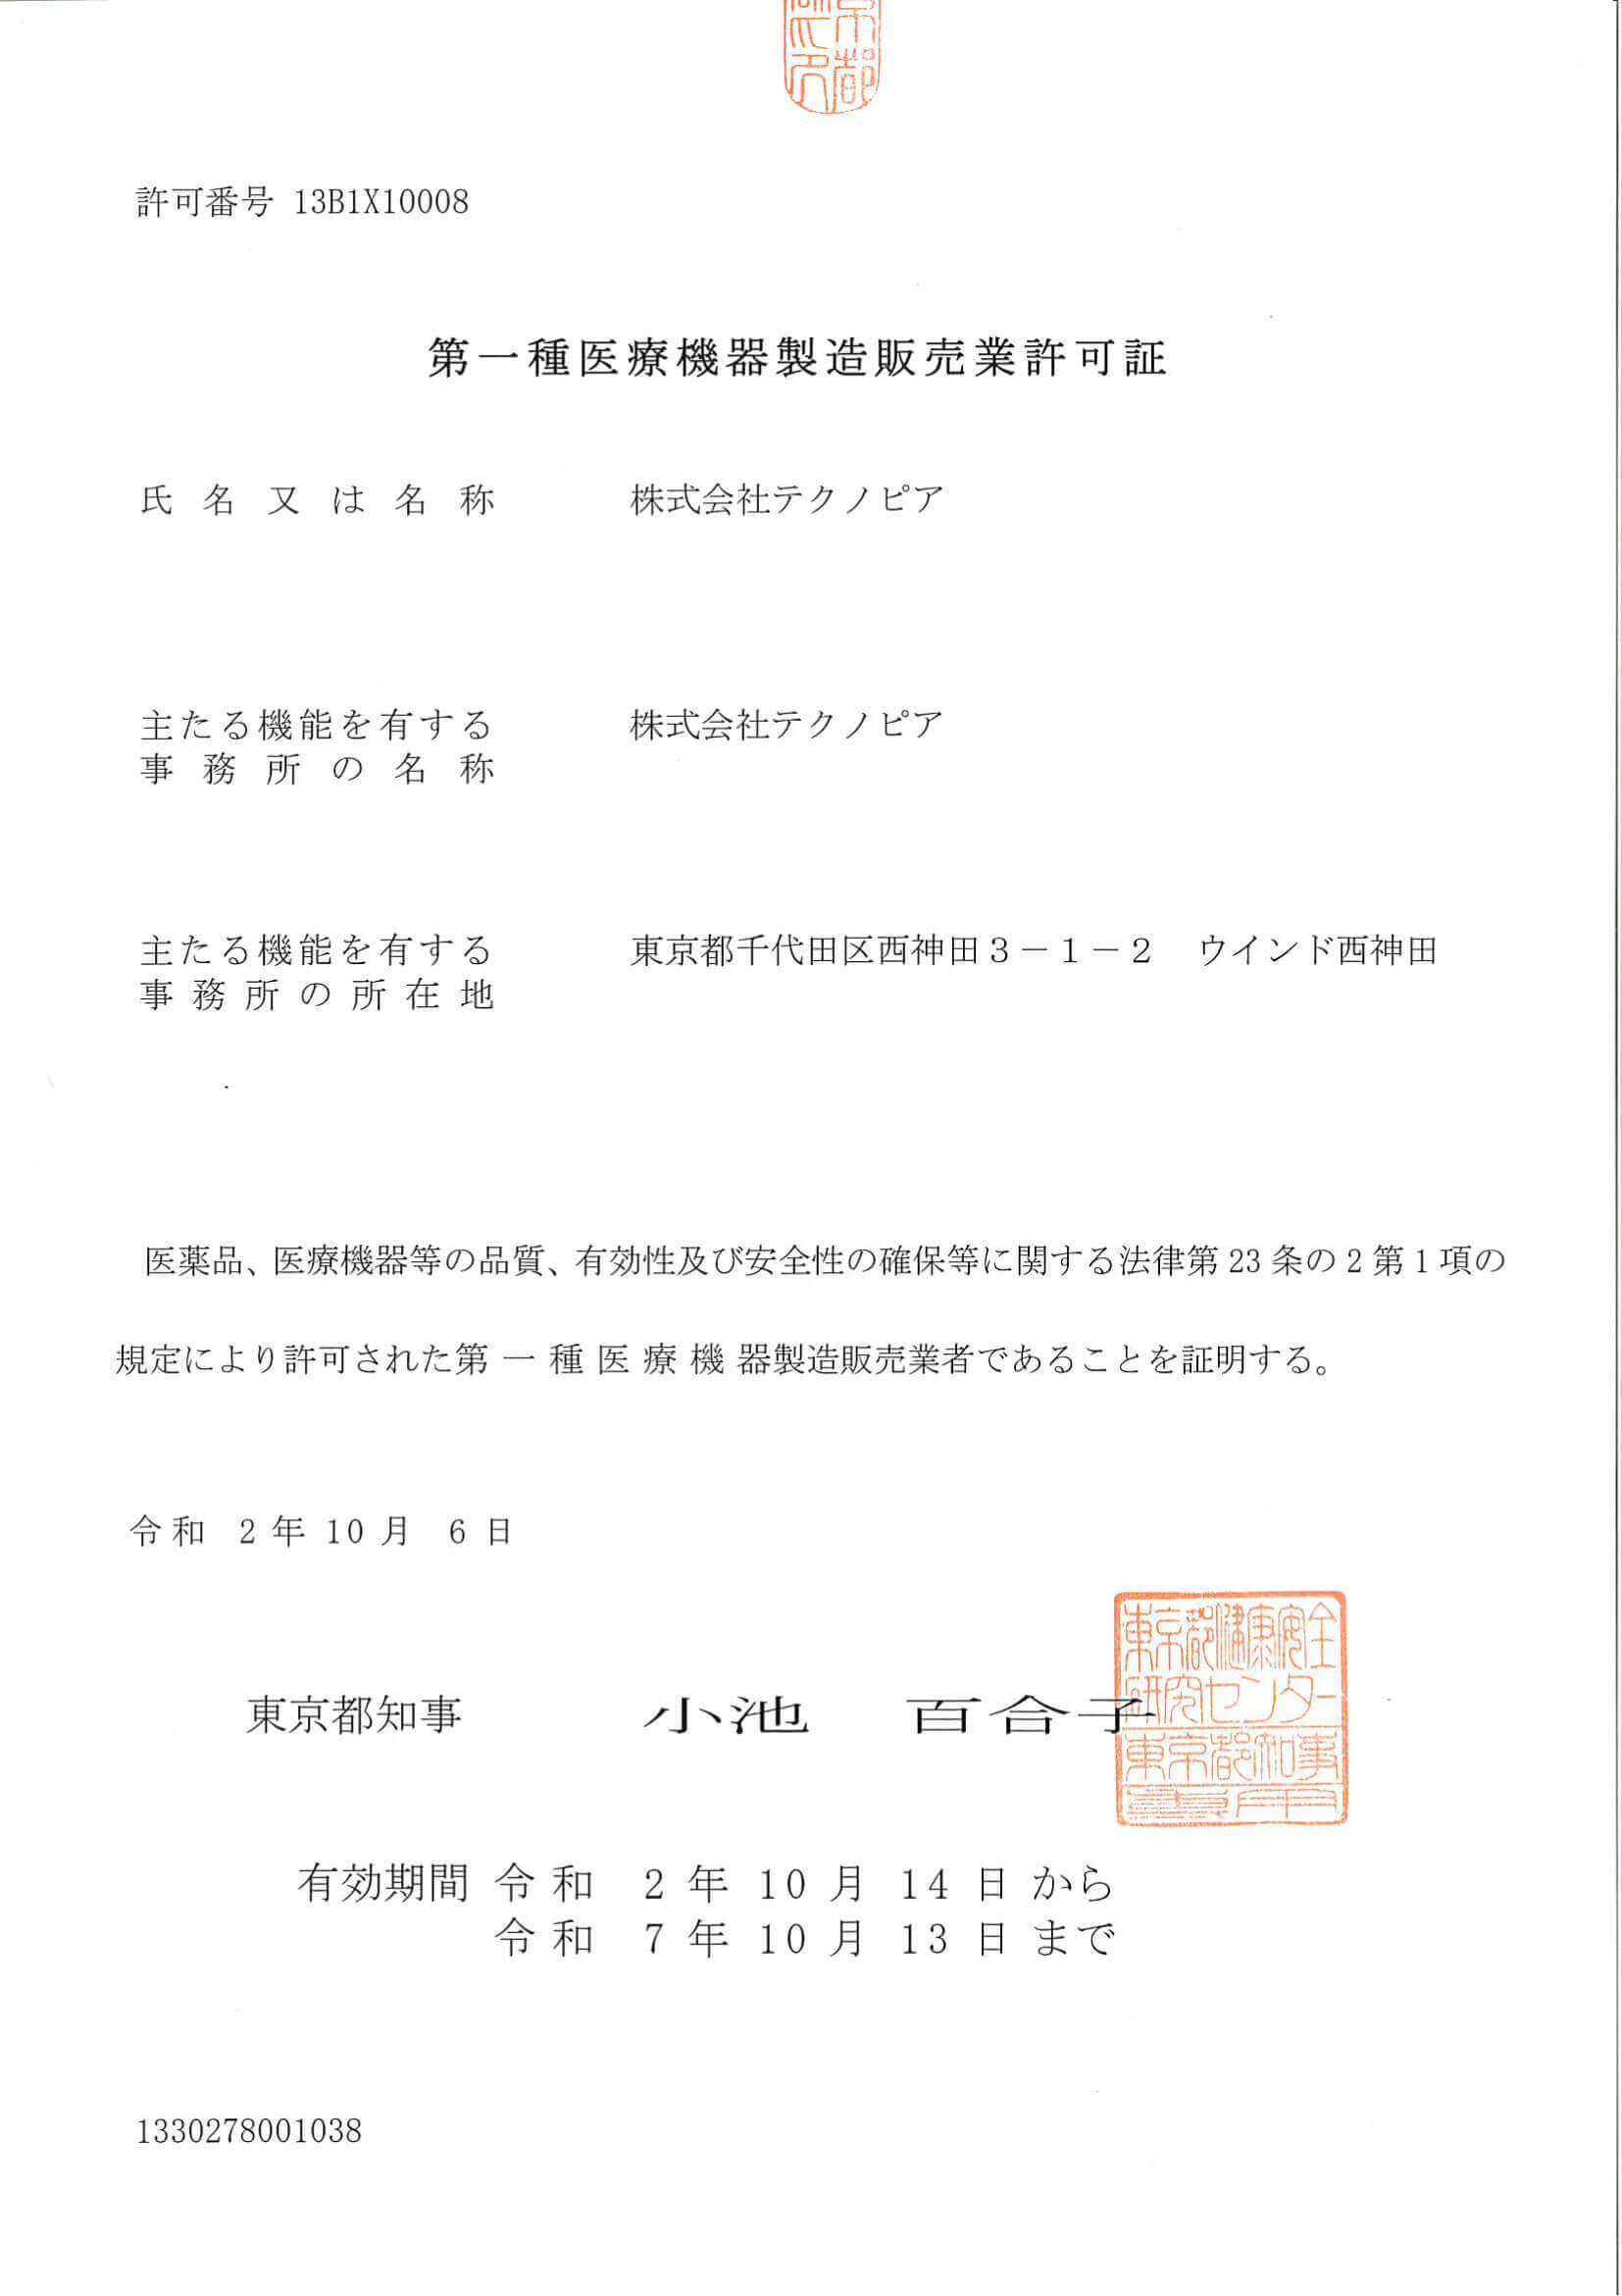 第一種医療機器製造販売業許可証